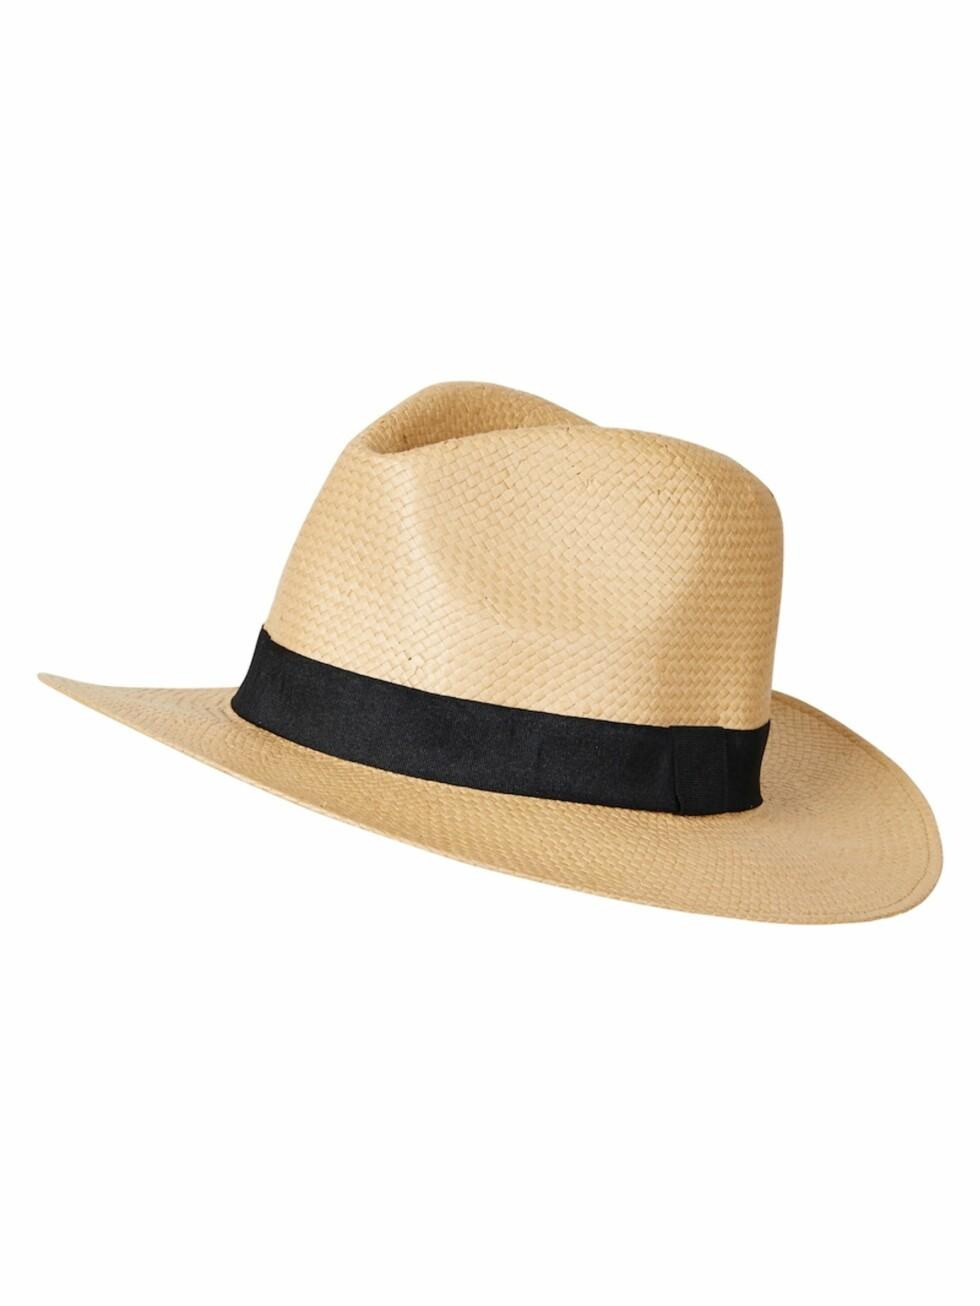 Hatt fra Cubus, kr 149. Foto: Produsenten